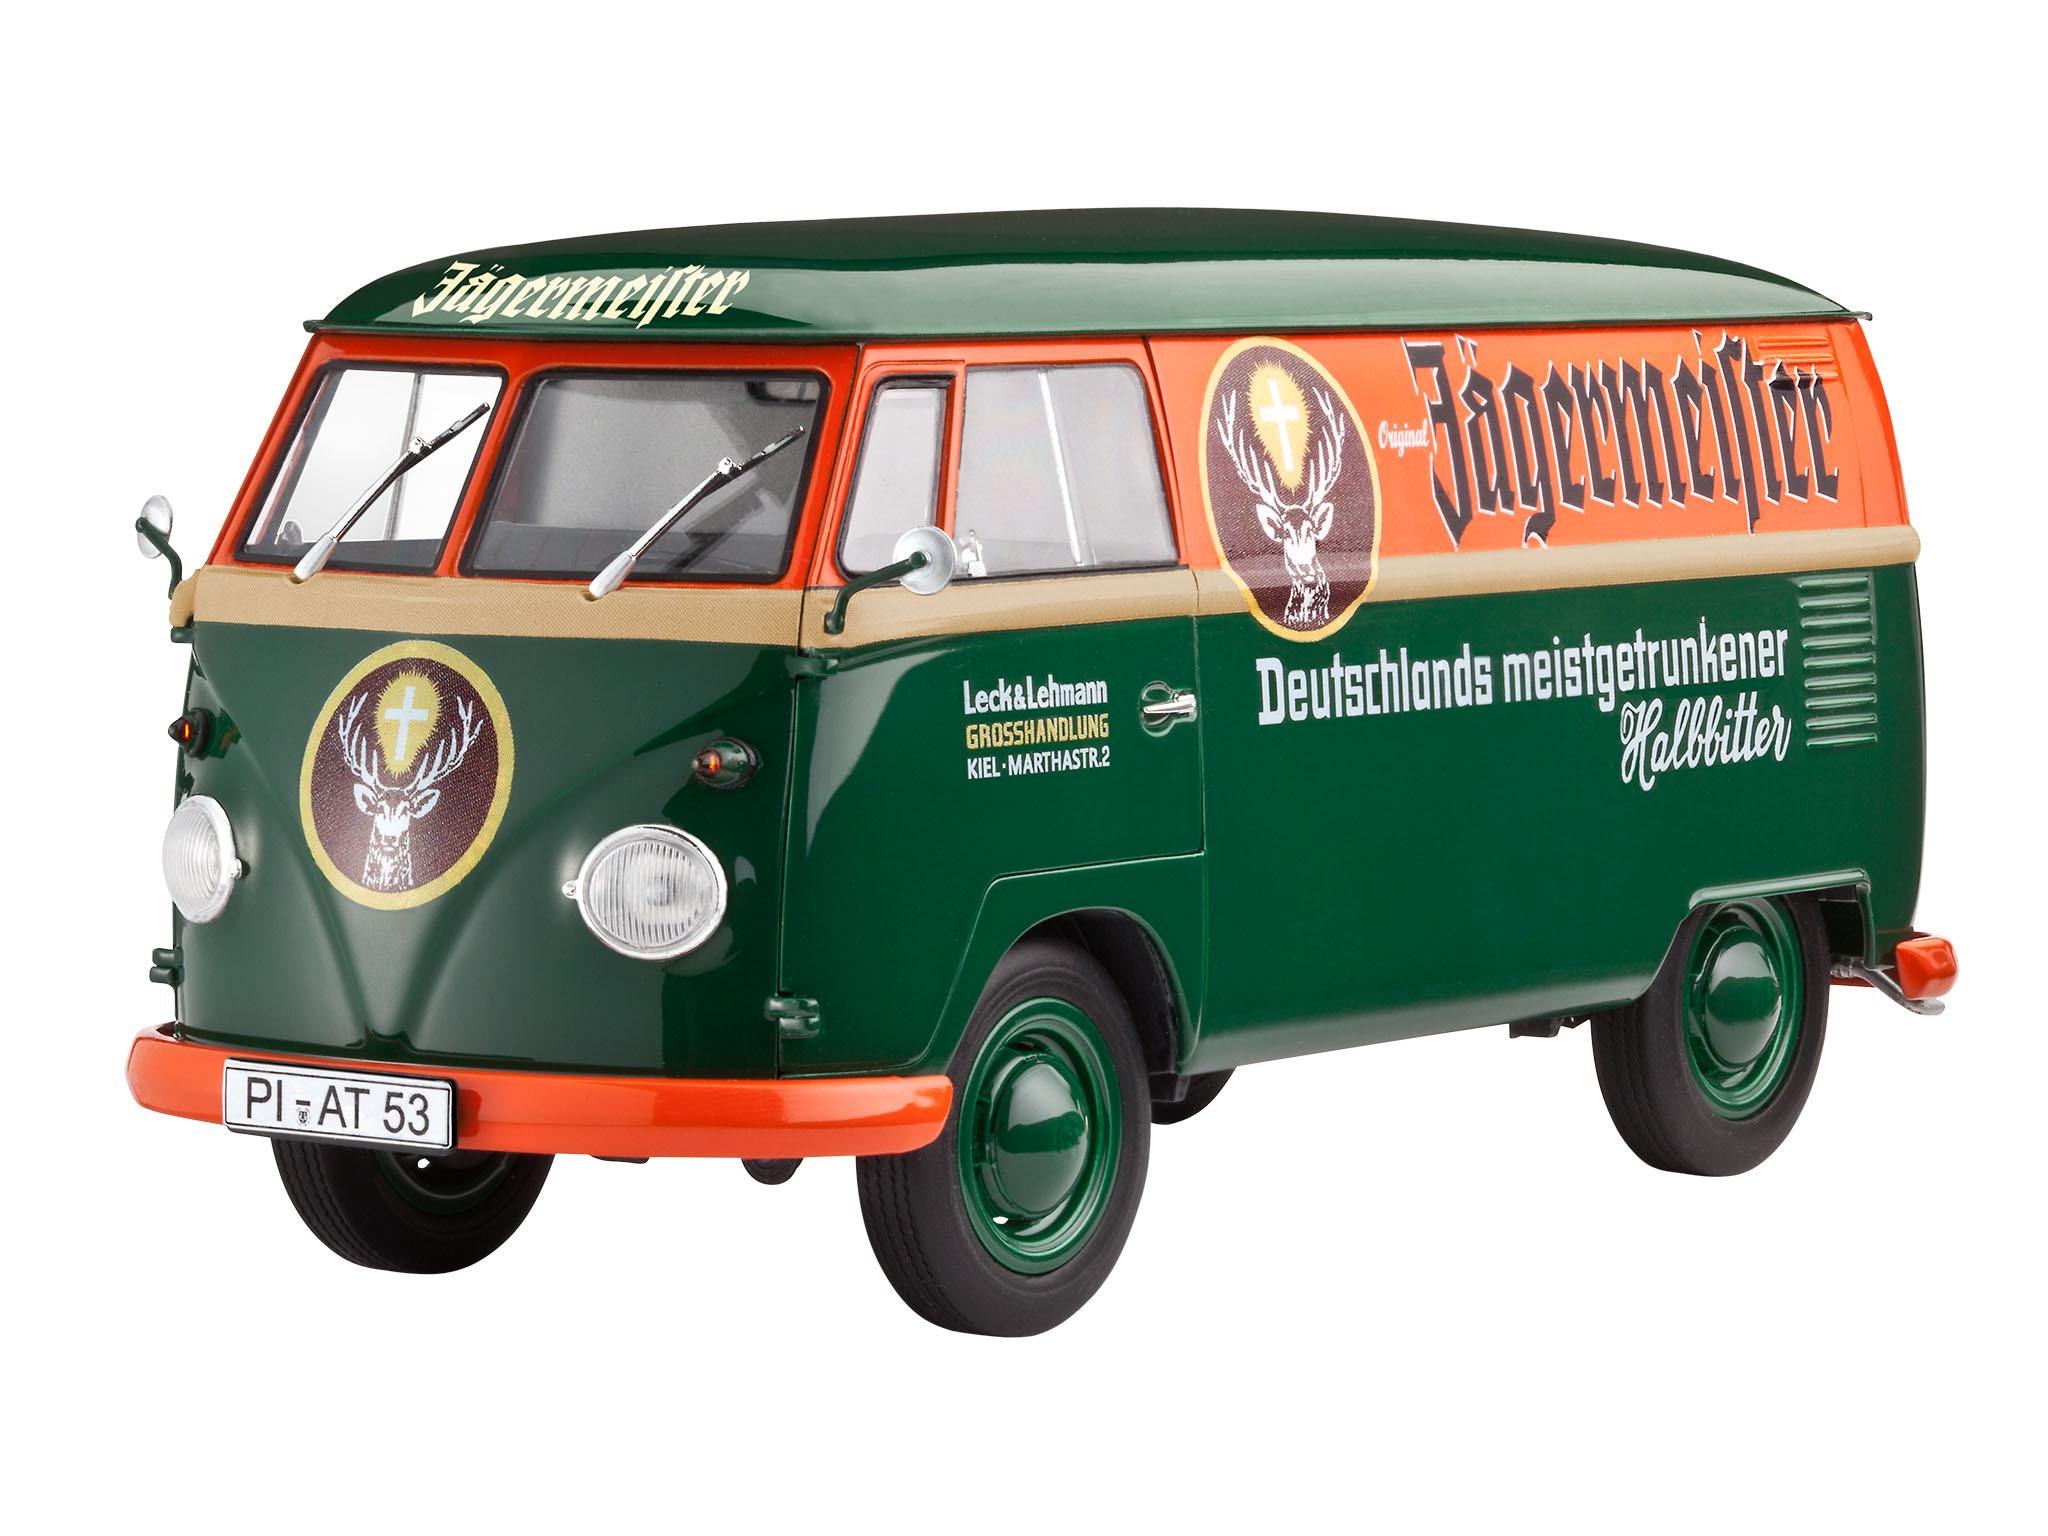 Revell model set vw t1 kastenwagen model set vw t1 kastenwagen altavistaventures Image collections